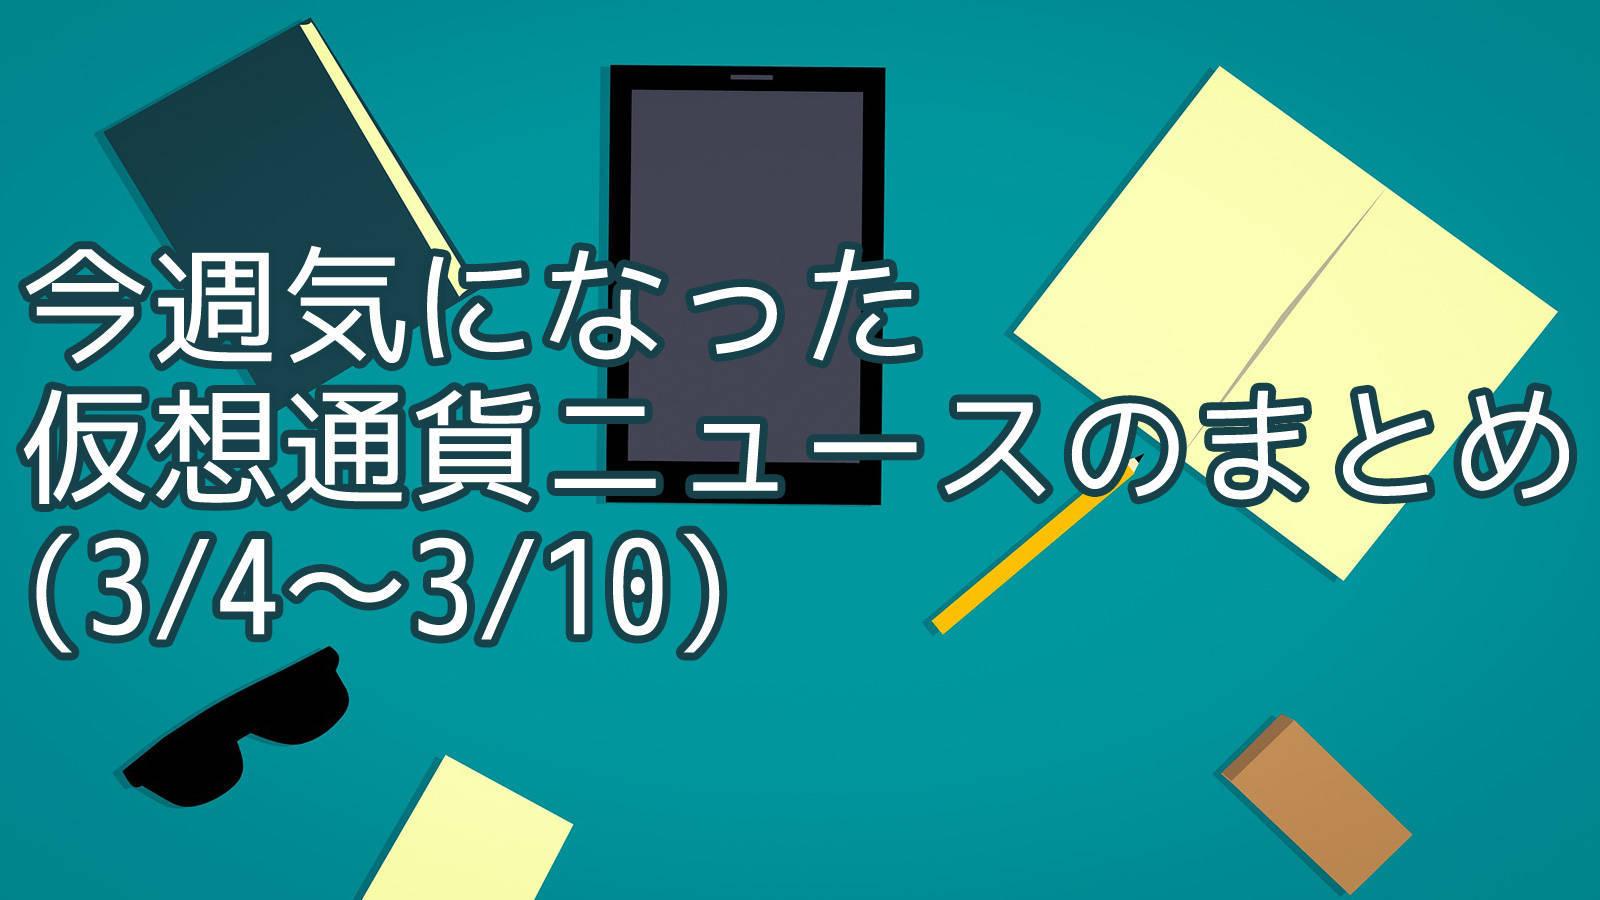 今週気になった仮想通貨ニュースのまとめ (3/4〜3/10)